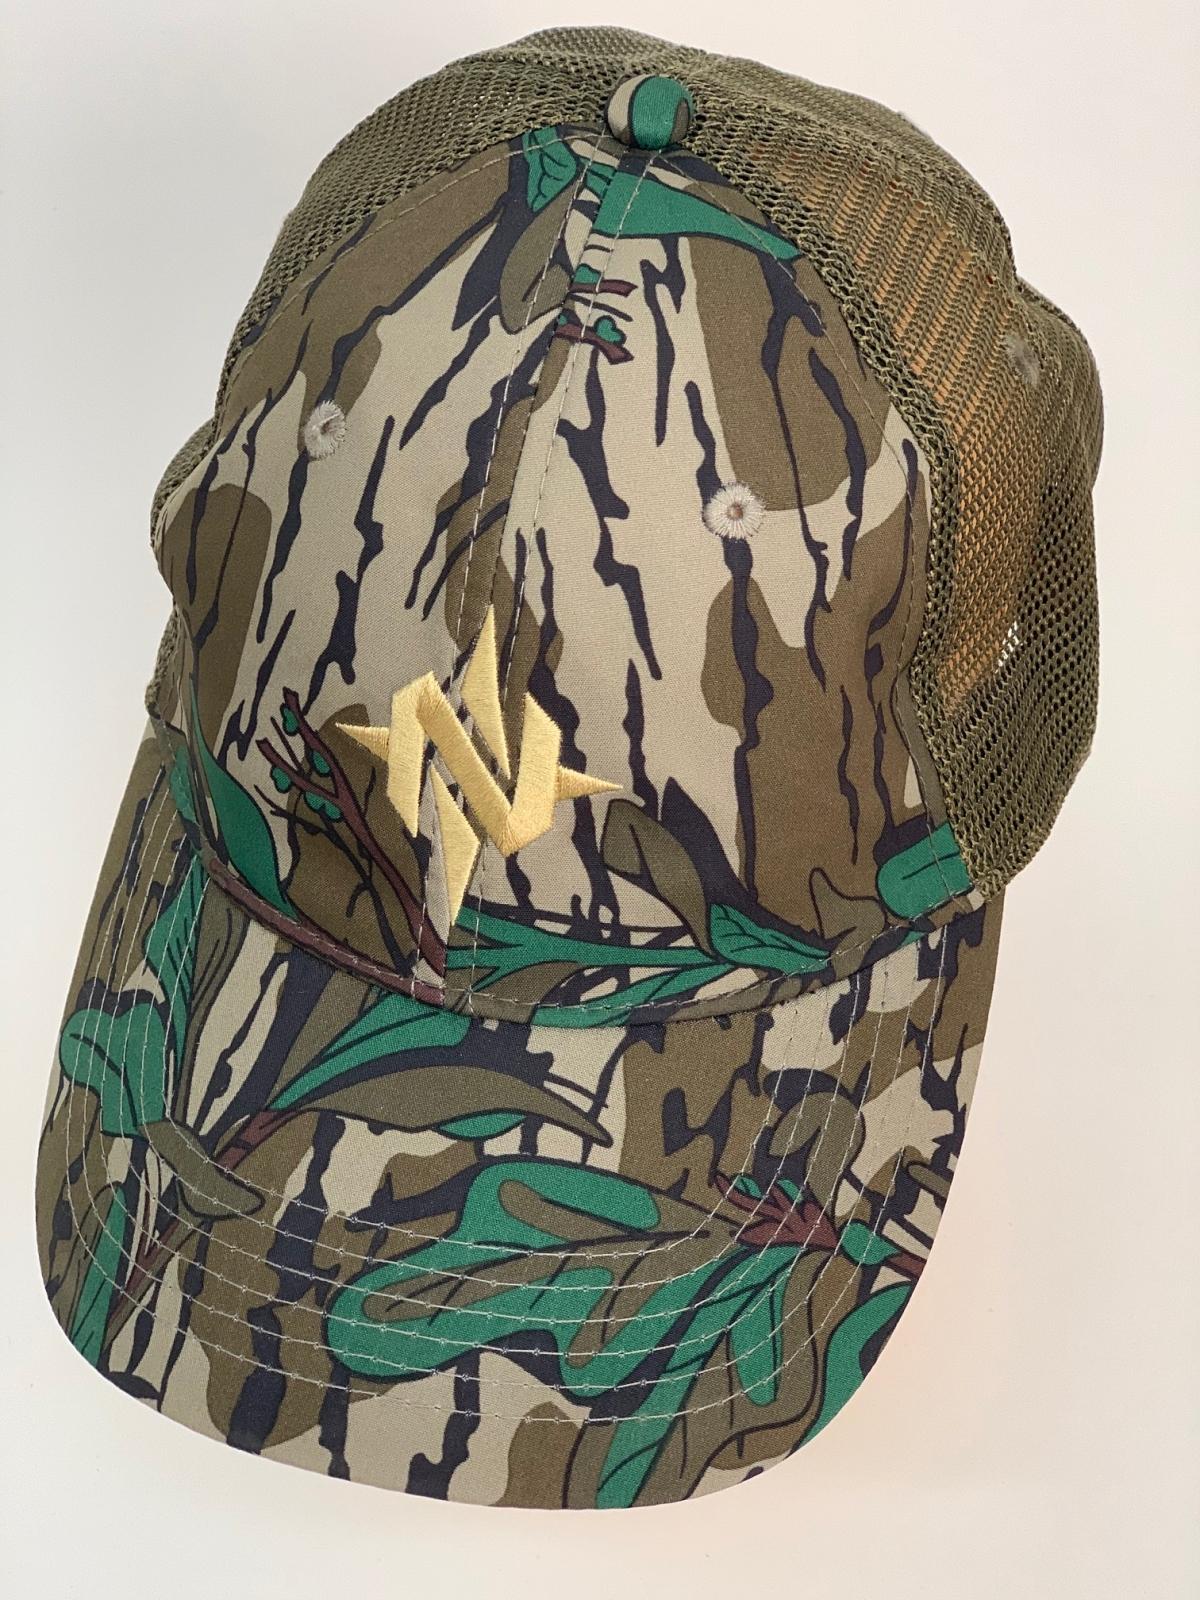 Бейсболка камуфляж с вышивкой и оливковой сеткой